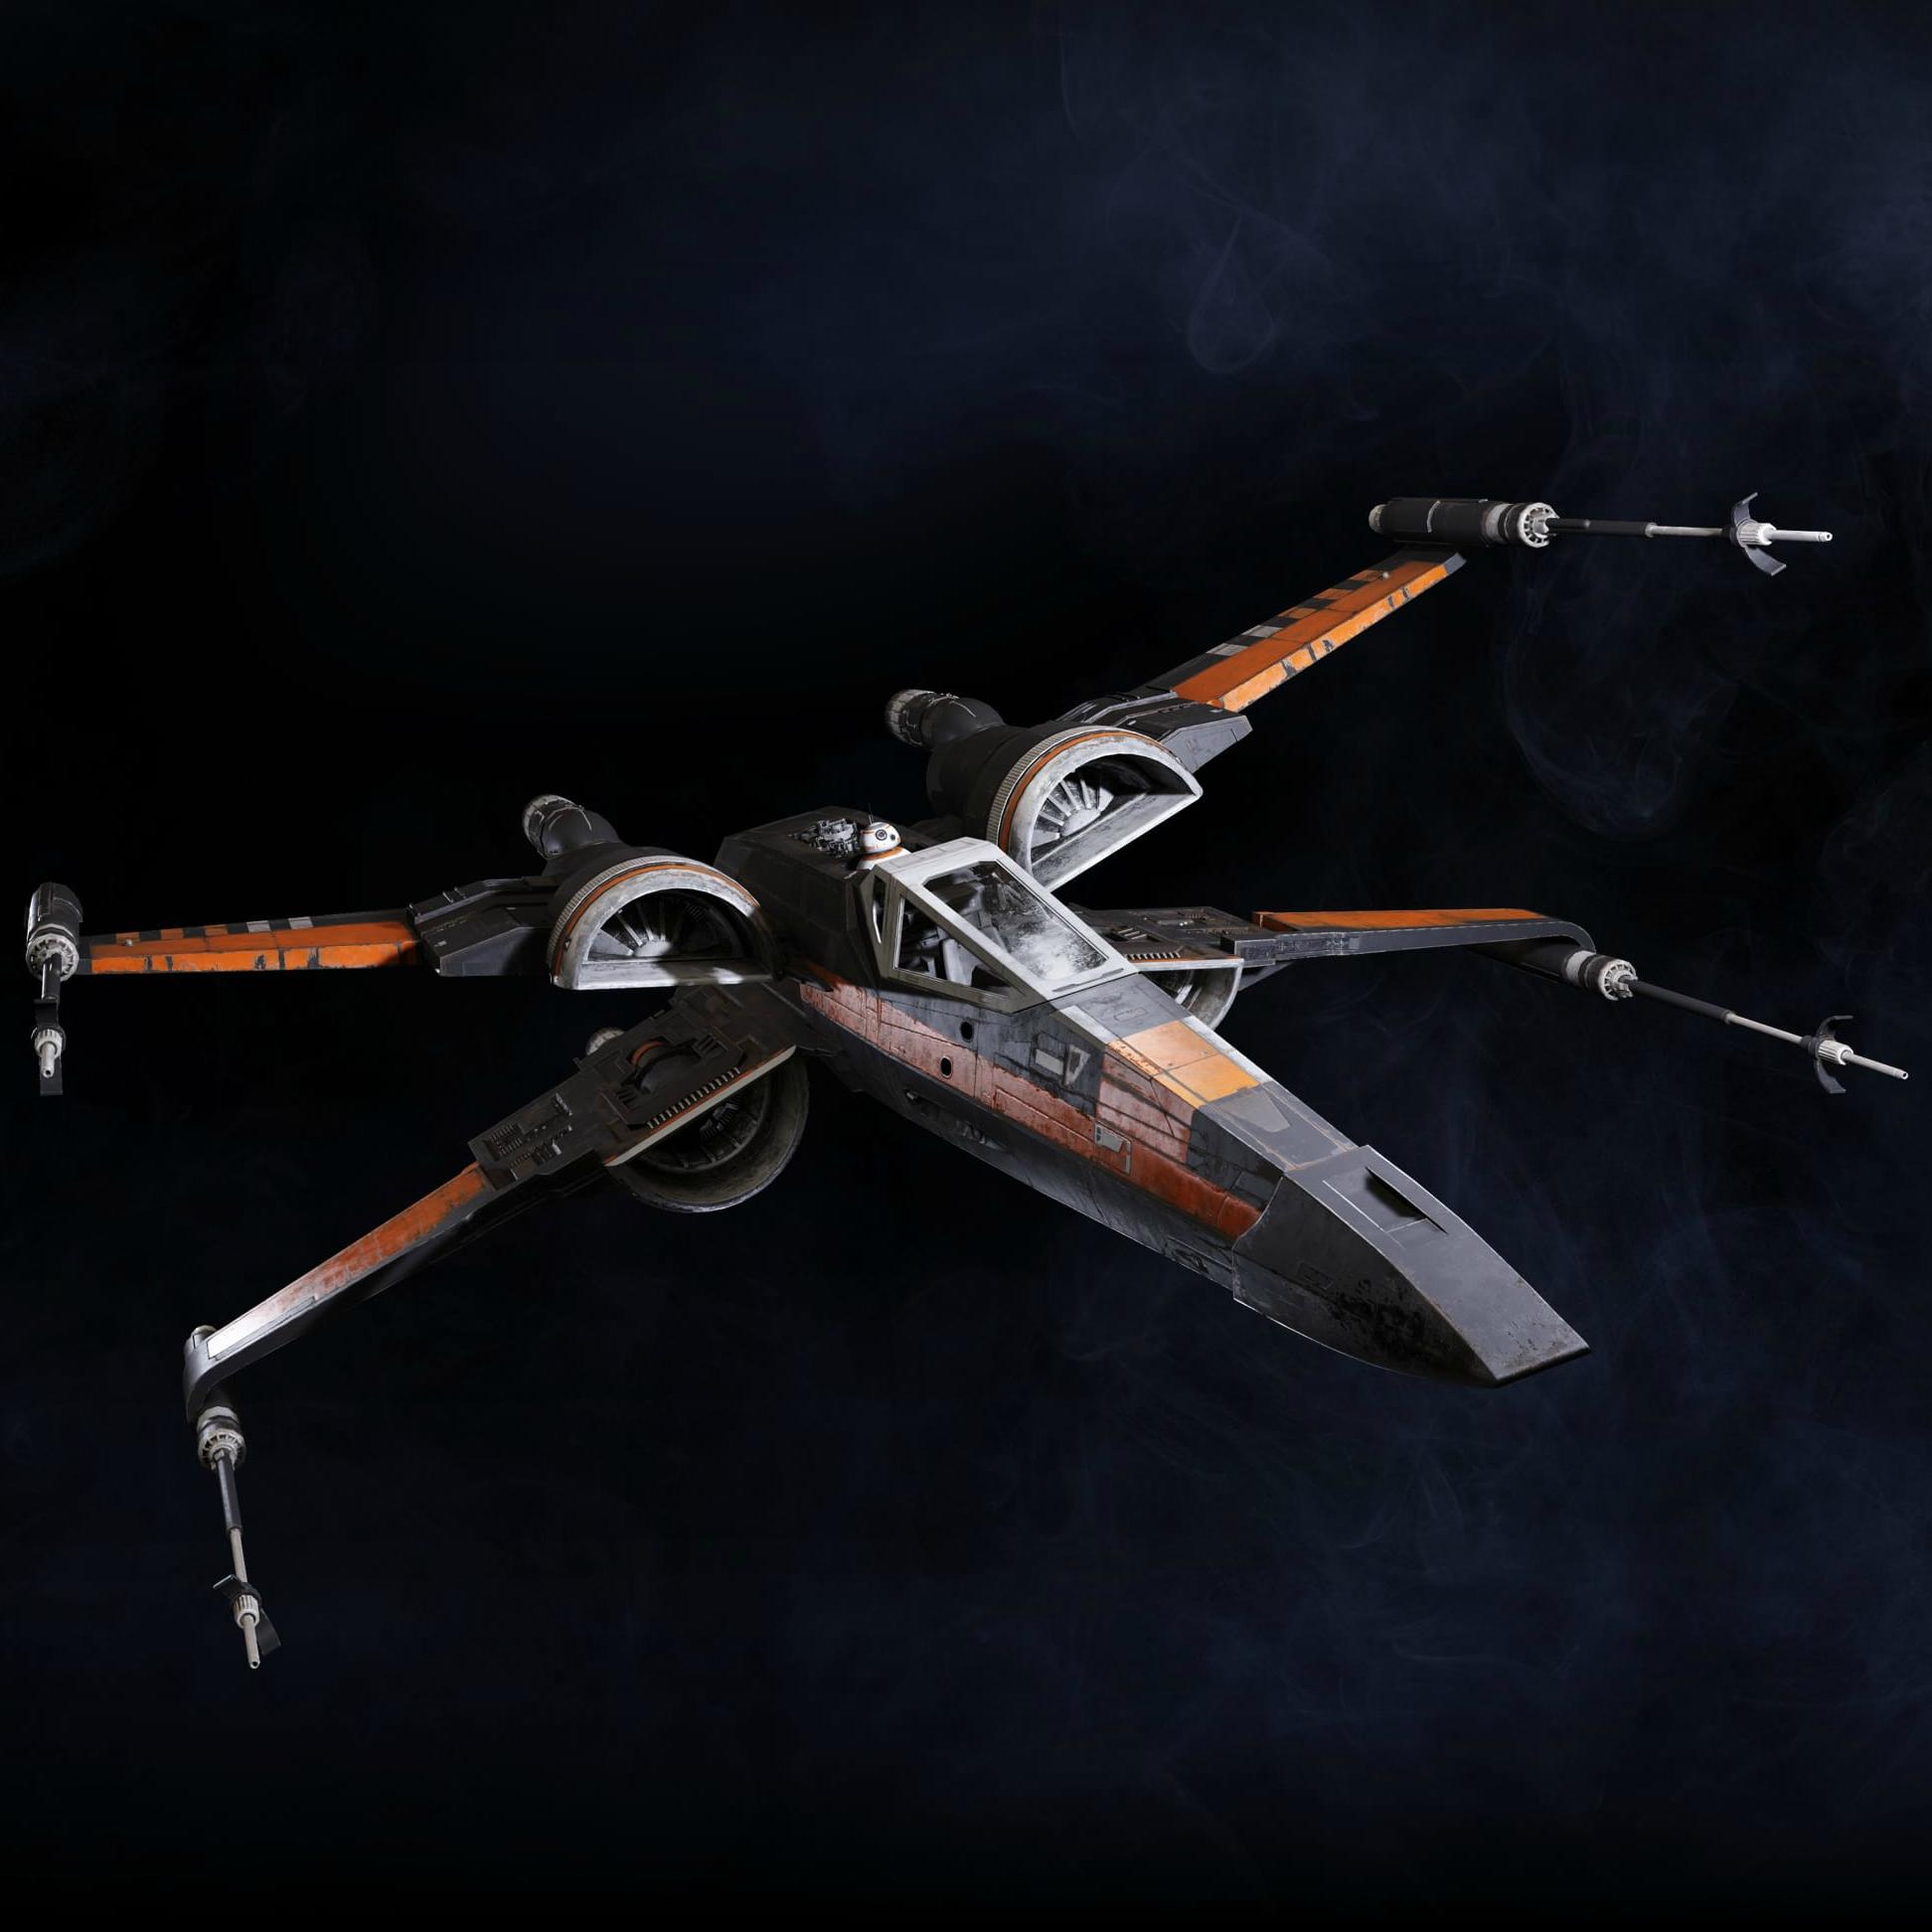 Poe Dameron's T-70 X-Wing